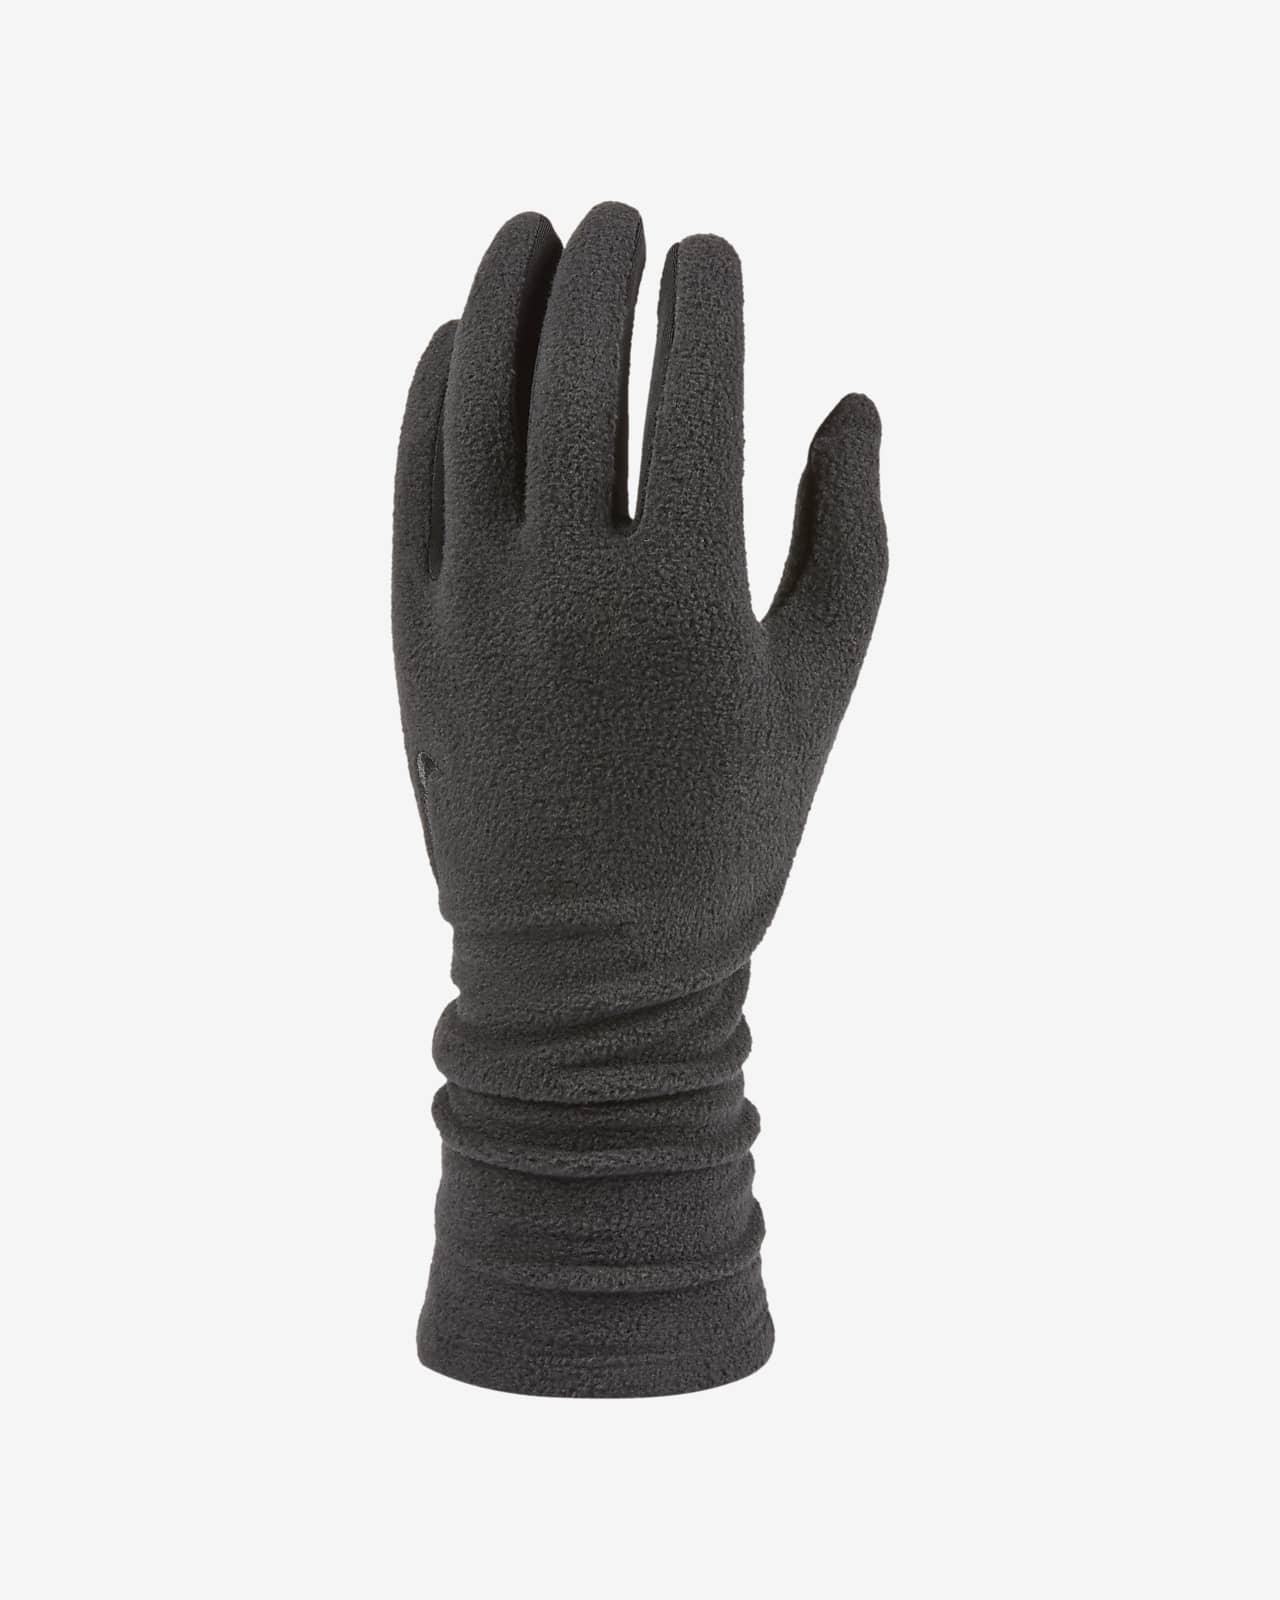 Flísové rukavice Nike Cold Weather